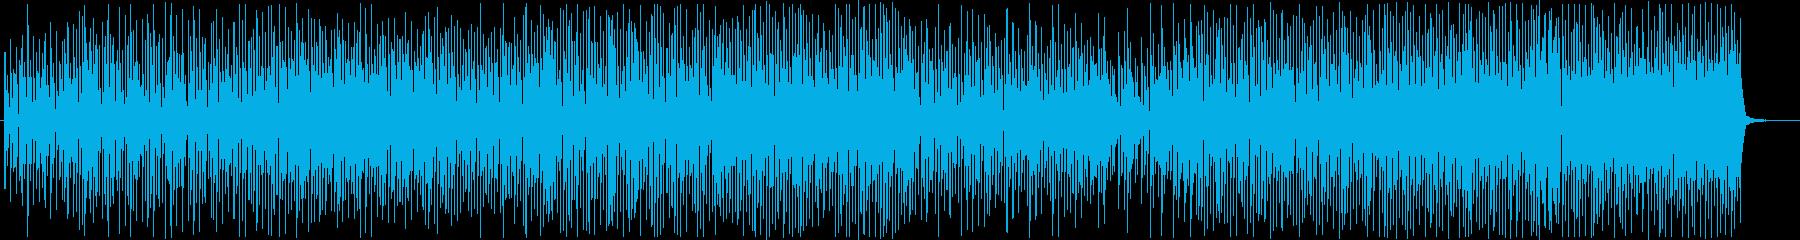 可愛い清涼感のあるフューチャーポップの再生済みの波形